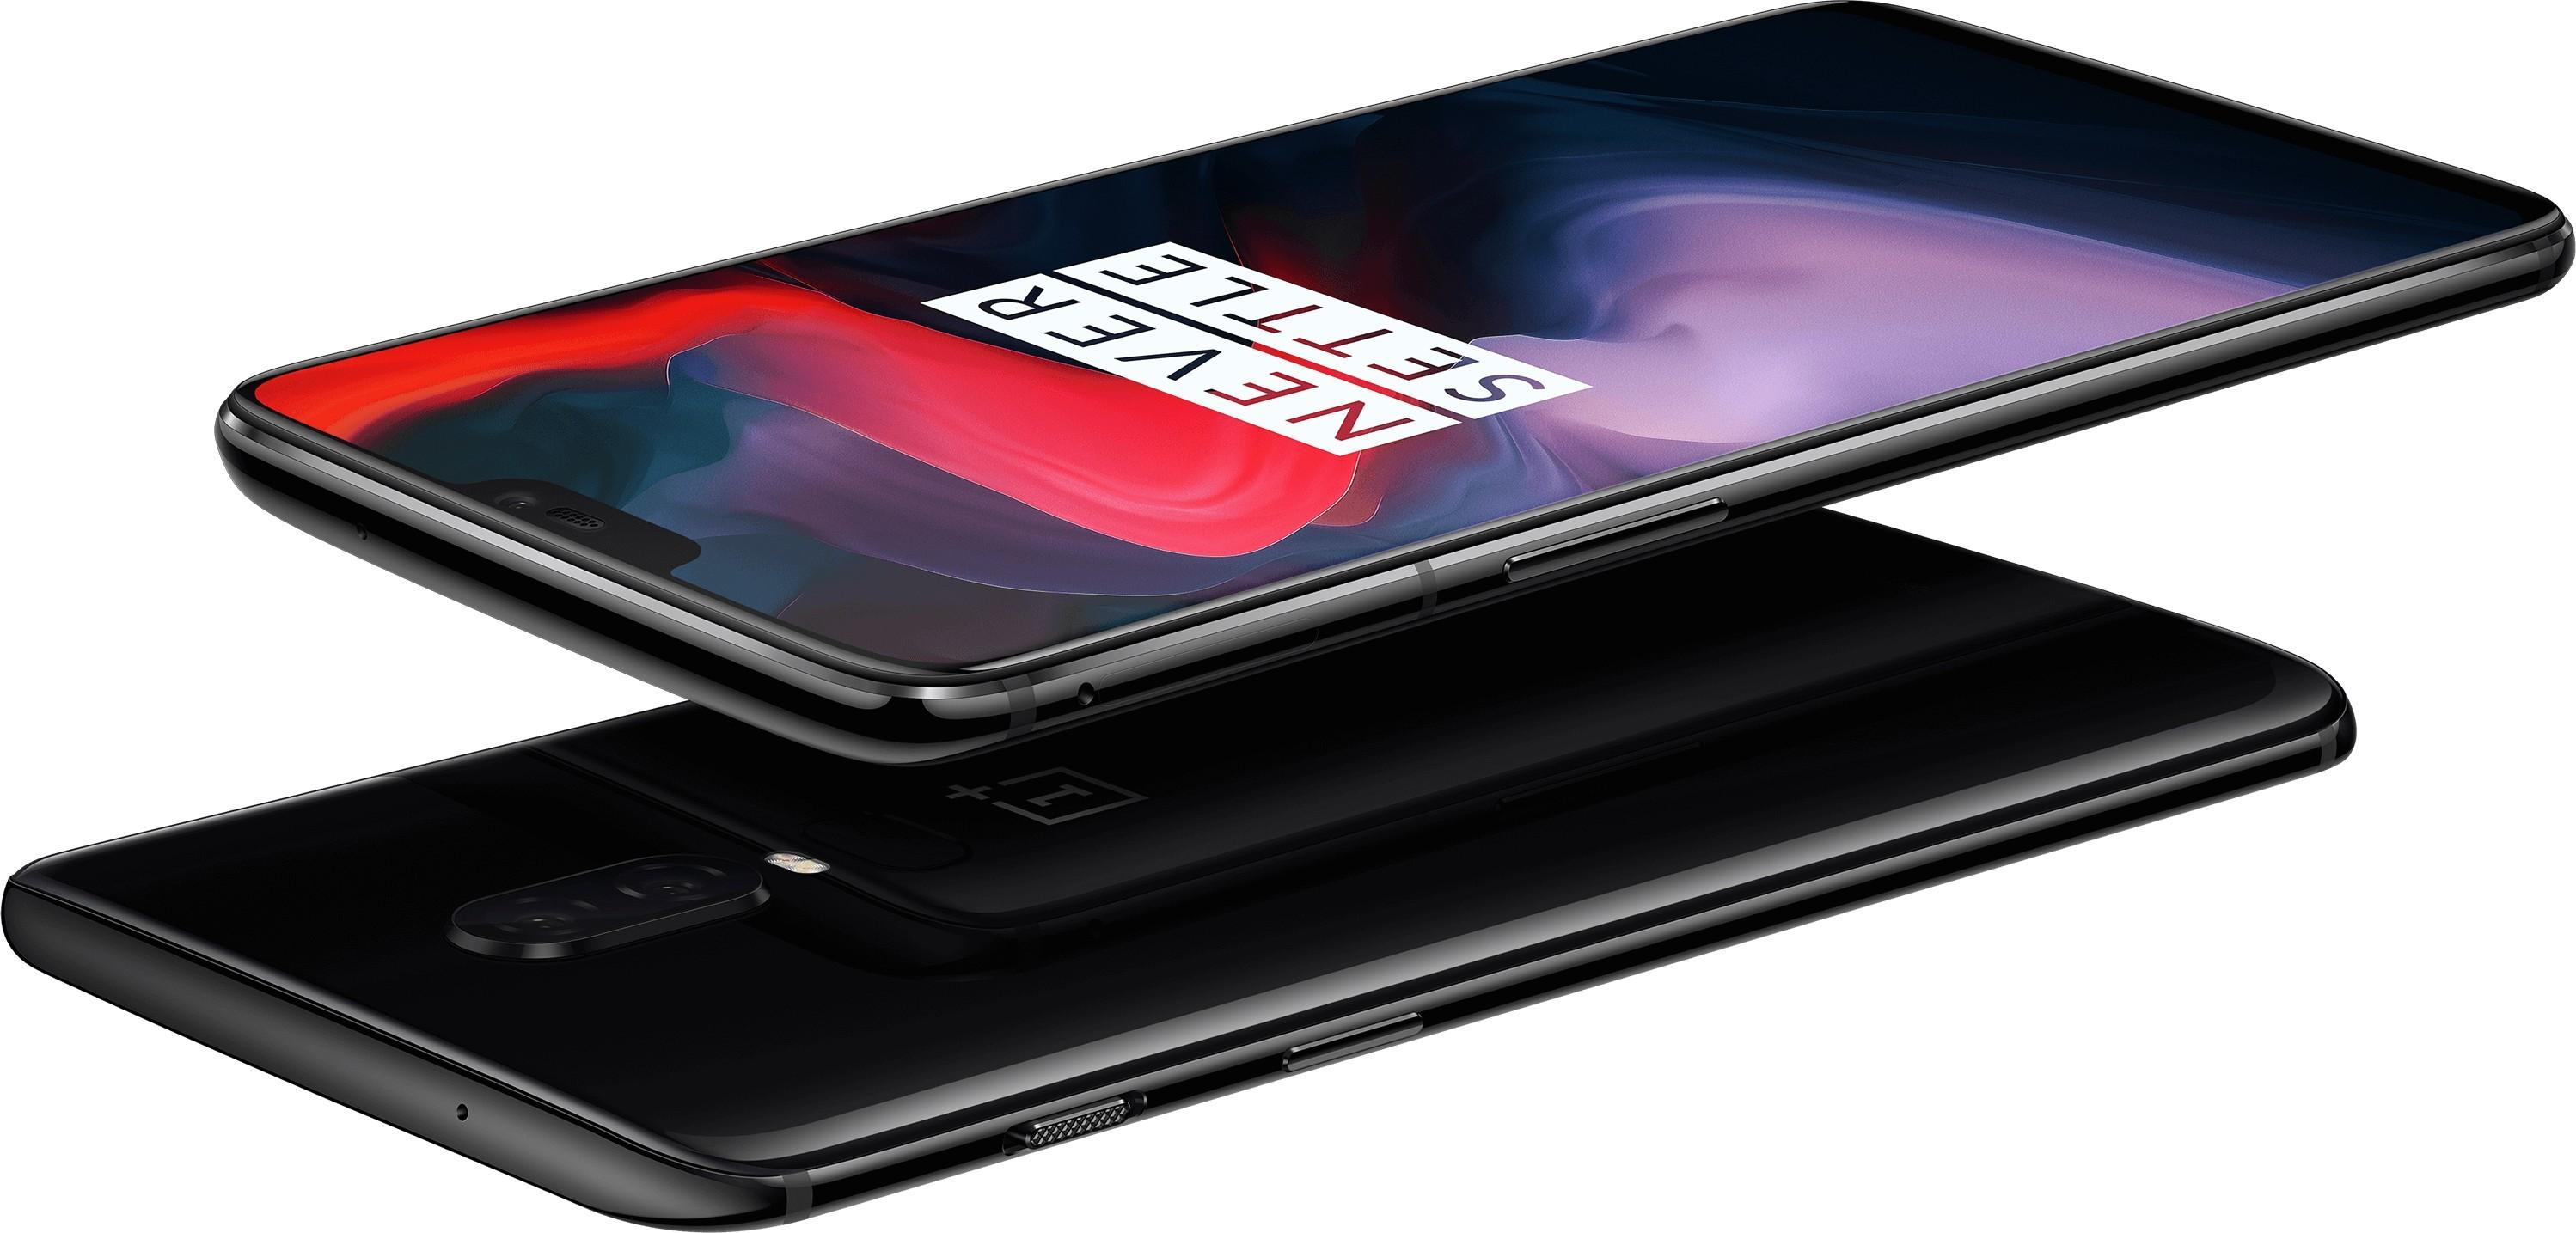 Telefon OnePlus 6 bo brez težav navdušil tudi najzahtevnejše uporabnike!